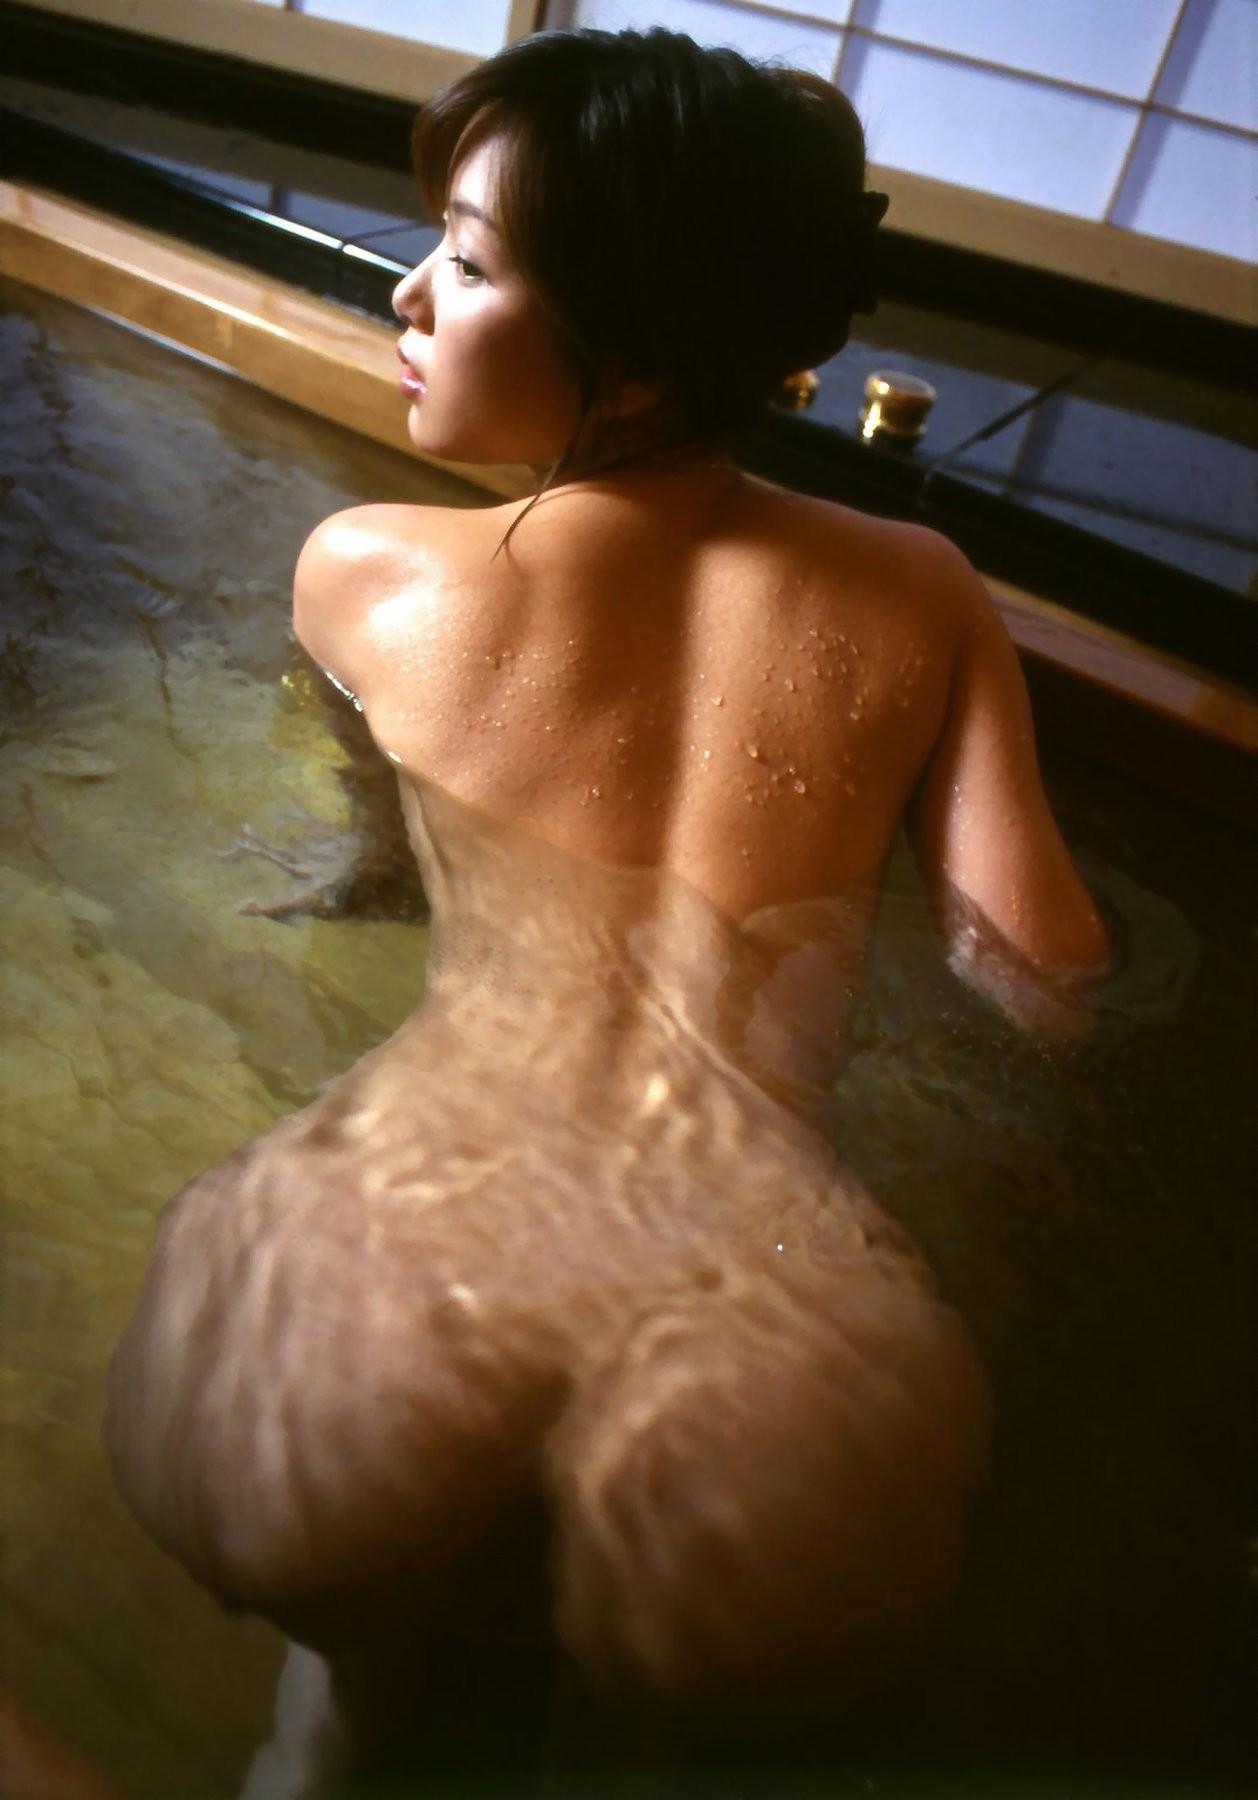 【入浴エロ画像】見たら吸い付きたくなる…お風呂中な女の濡れ尻www 05